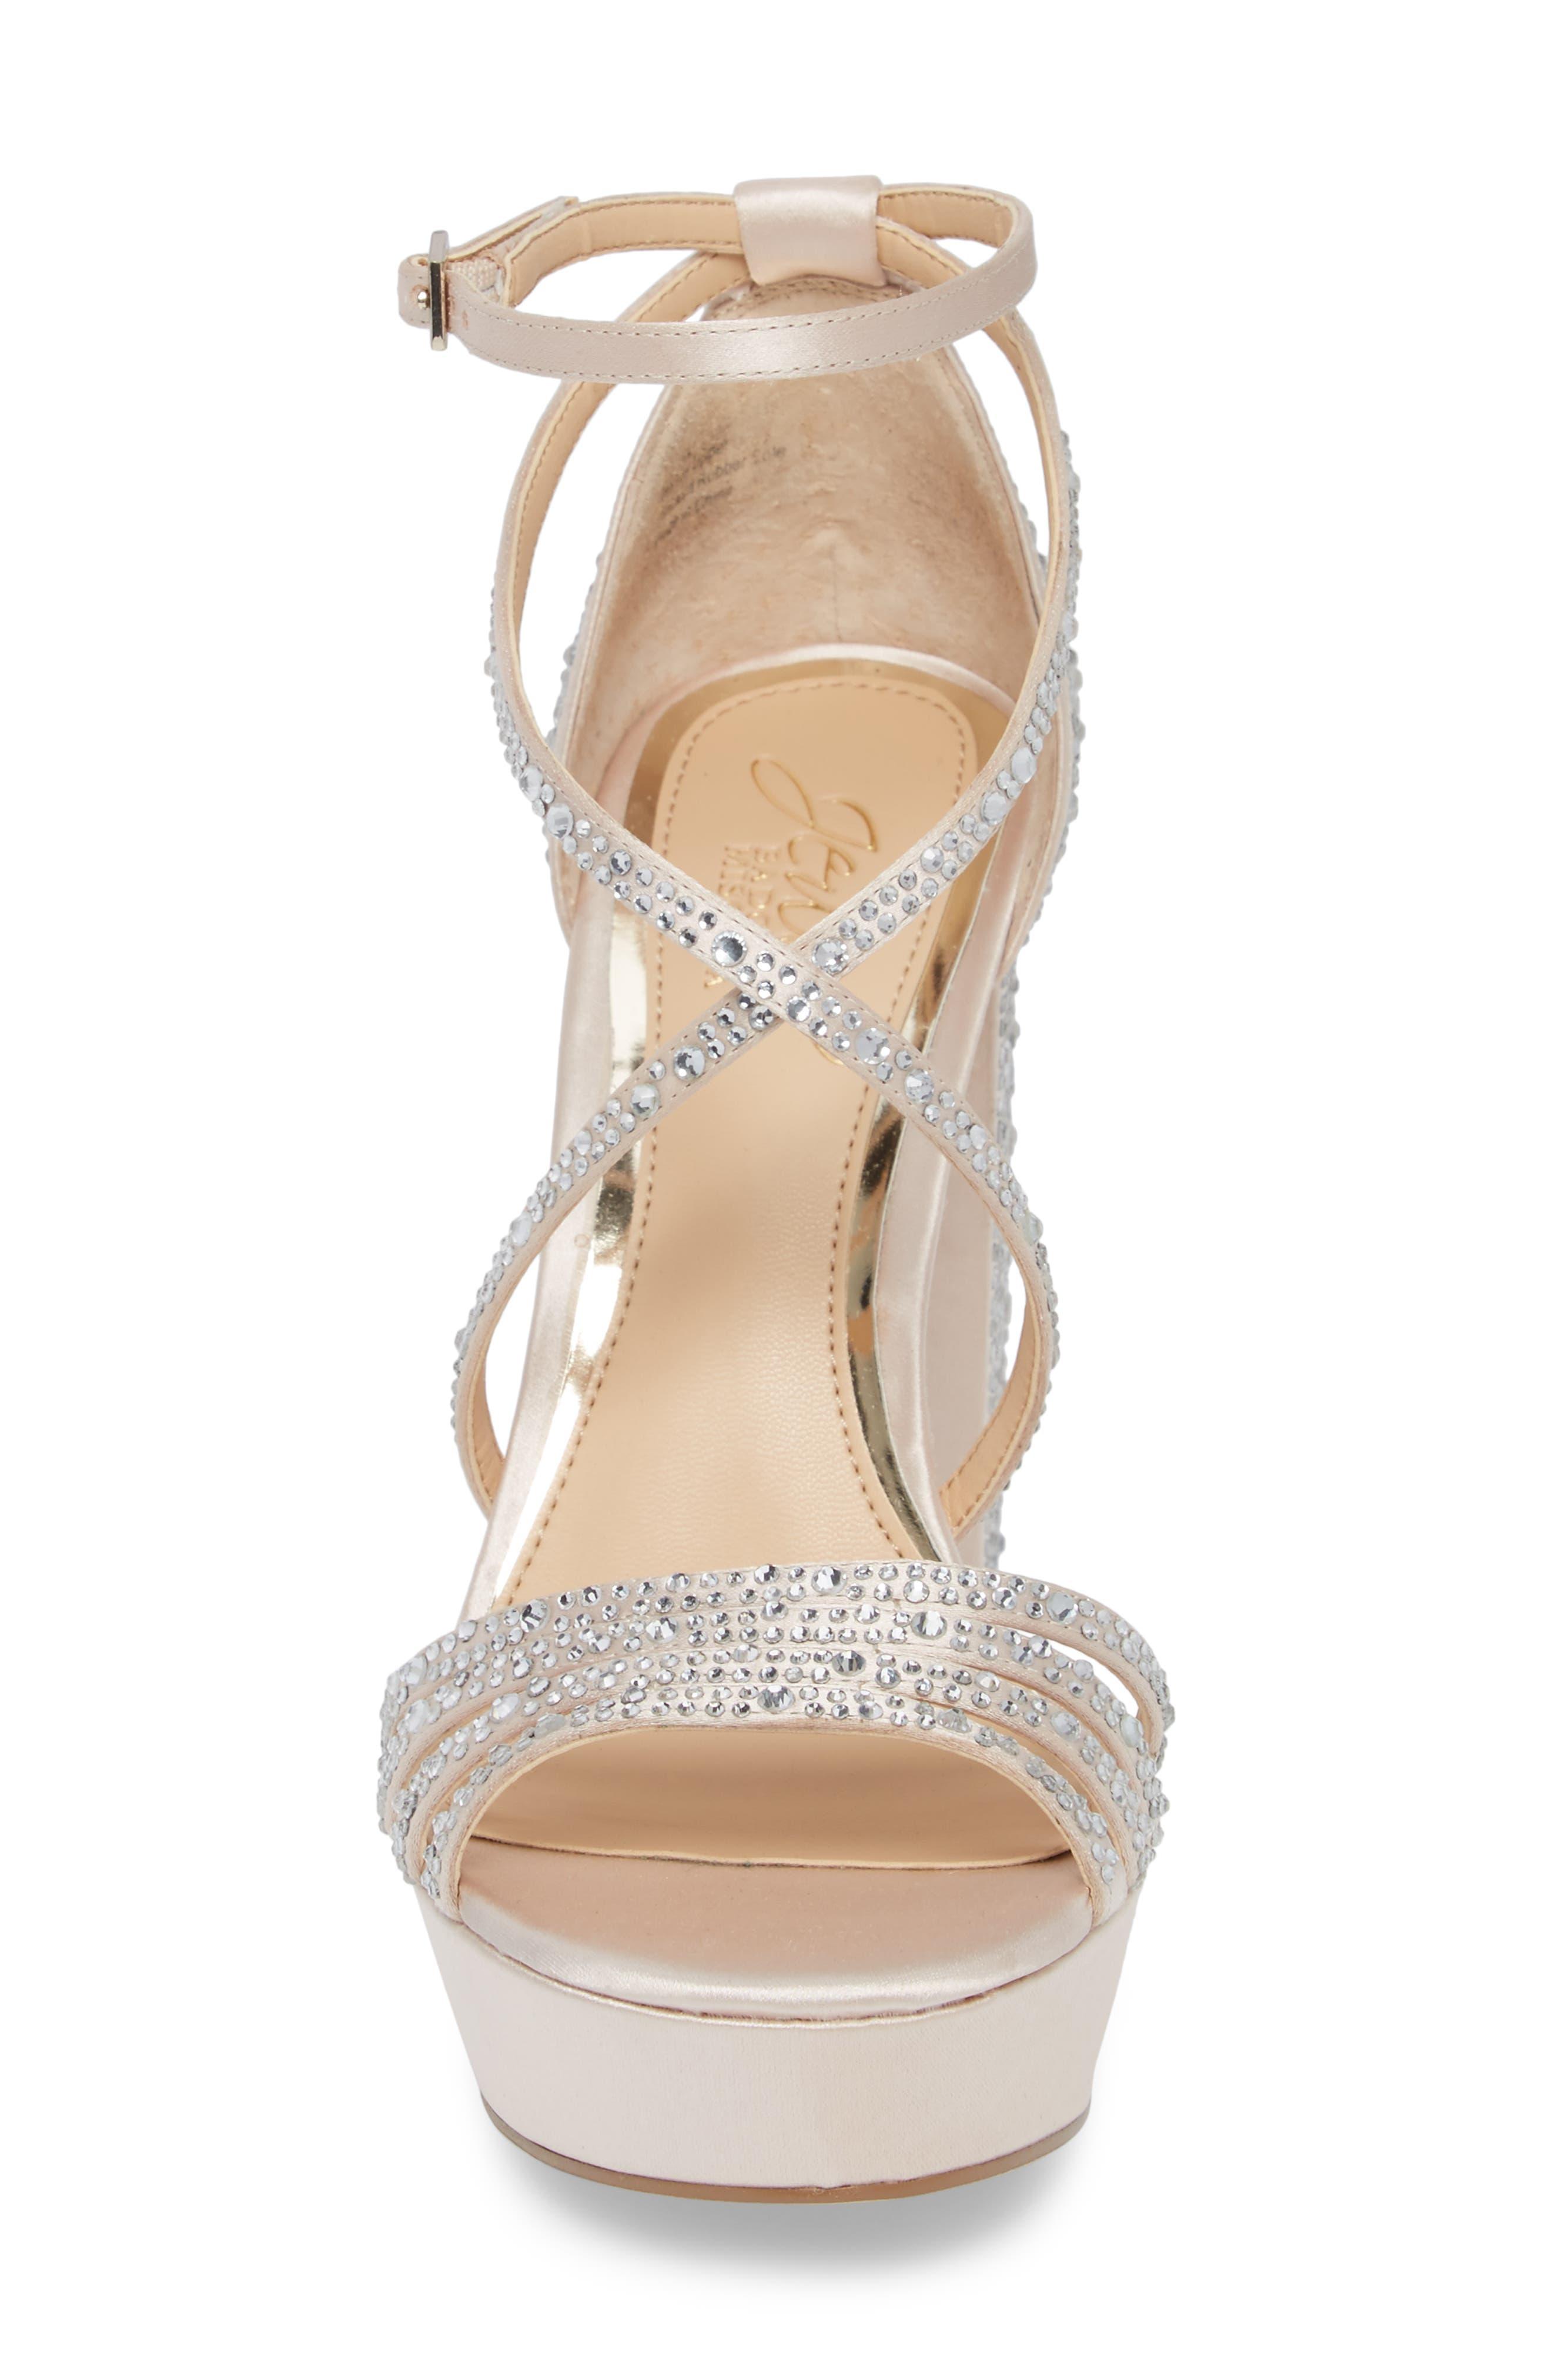 Tarah Crystal Embellished Platform Sandal,                             Alternate thumbnail 4, color,                             Champagne Satin